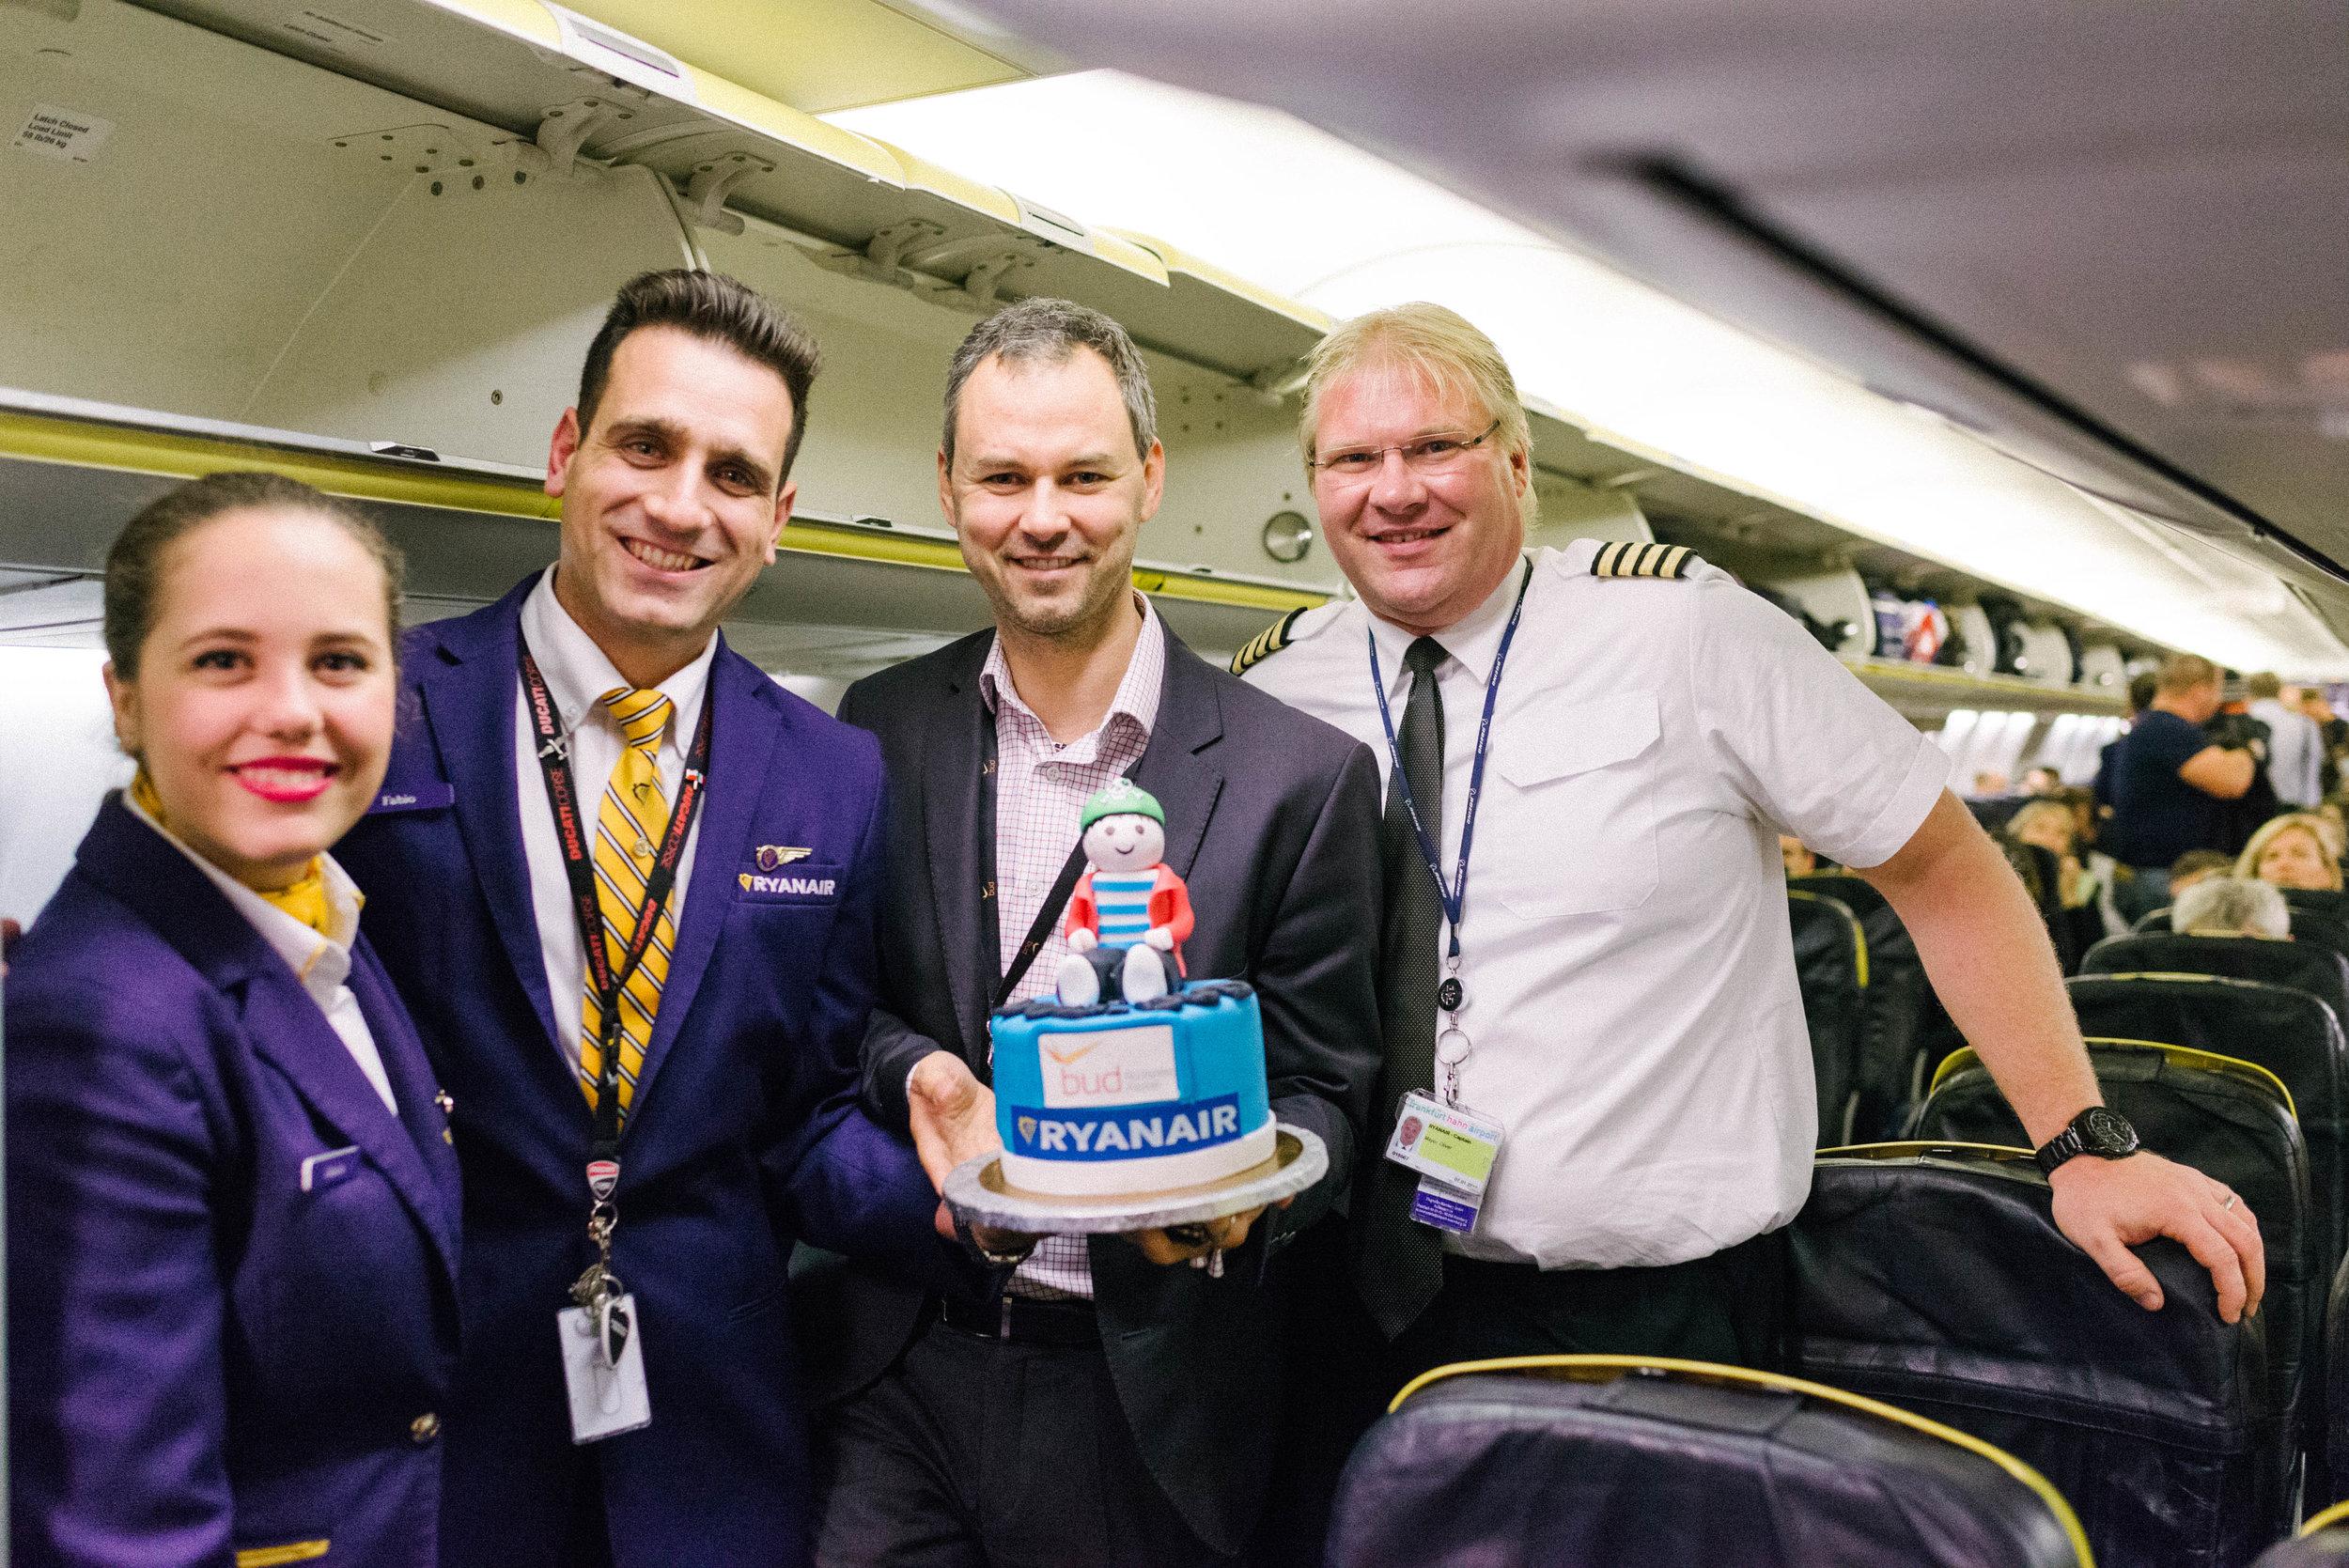 Ryanair-opening-1102_5.jpg